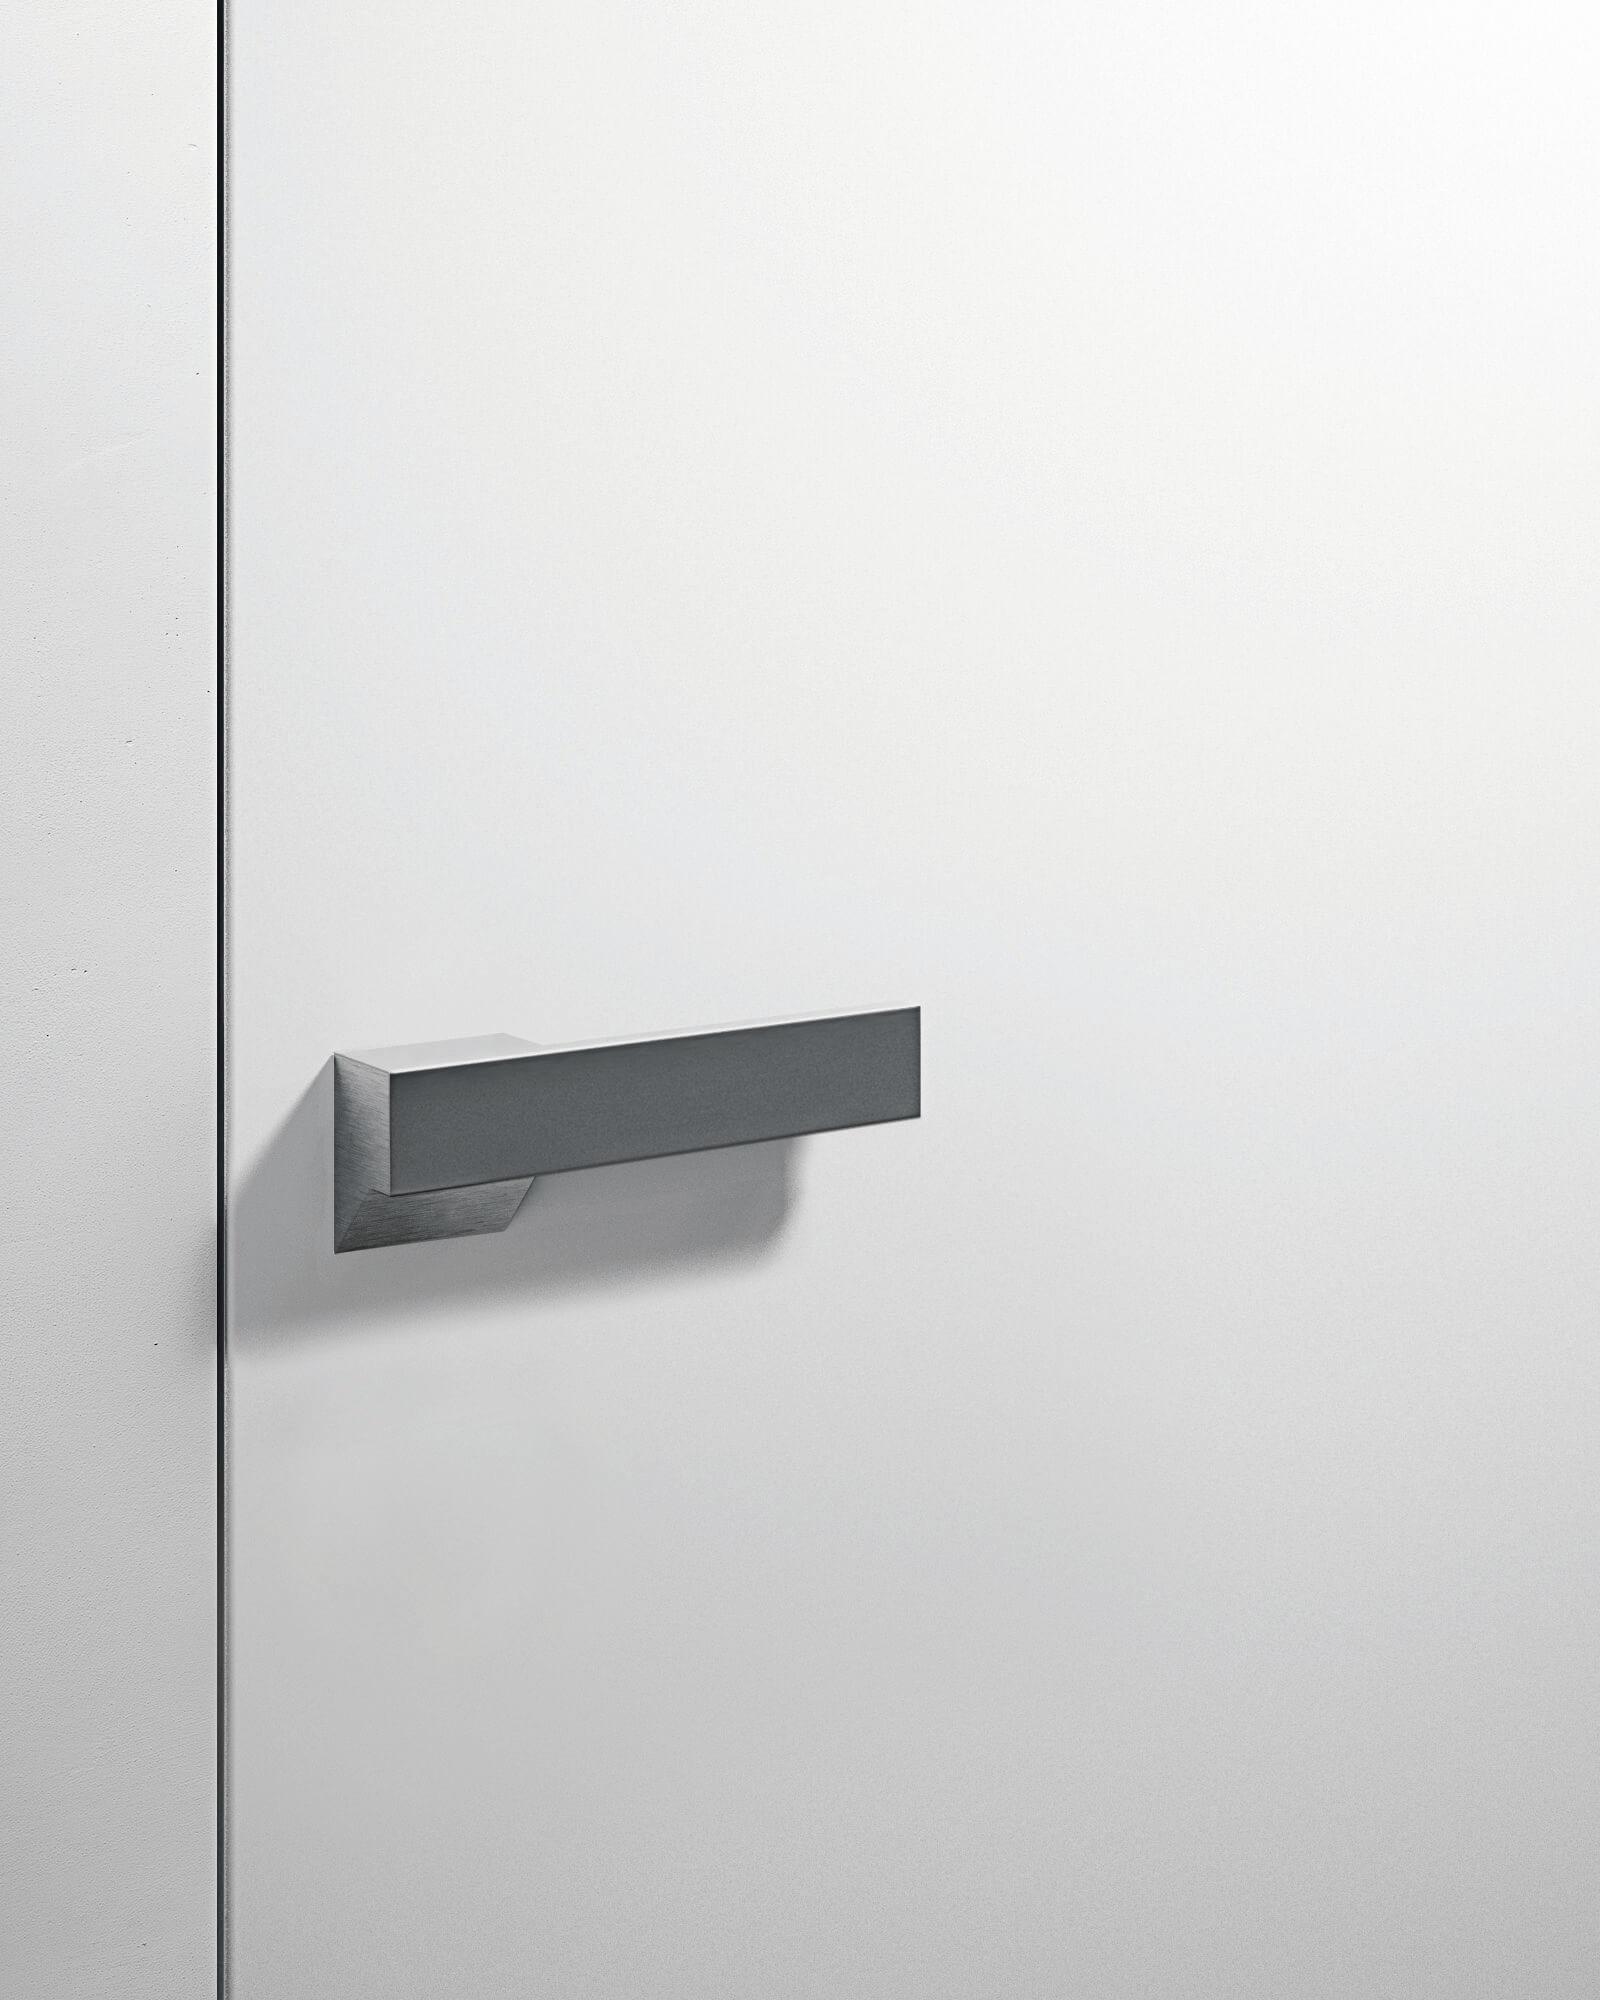 Maniglia porta senza nottolino Garofoli Bolt Close Up